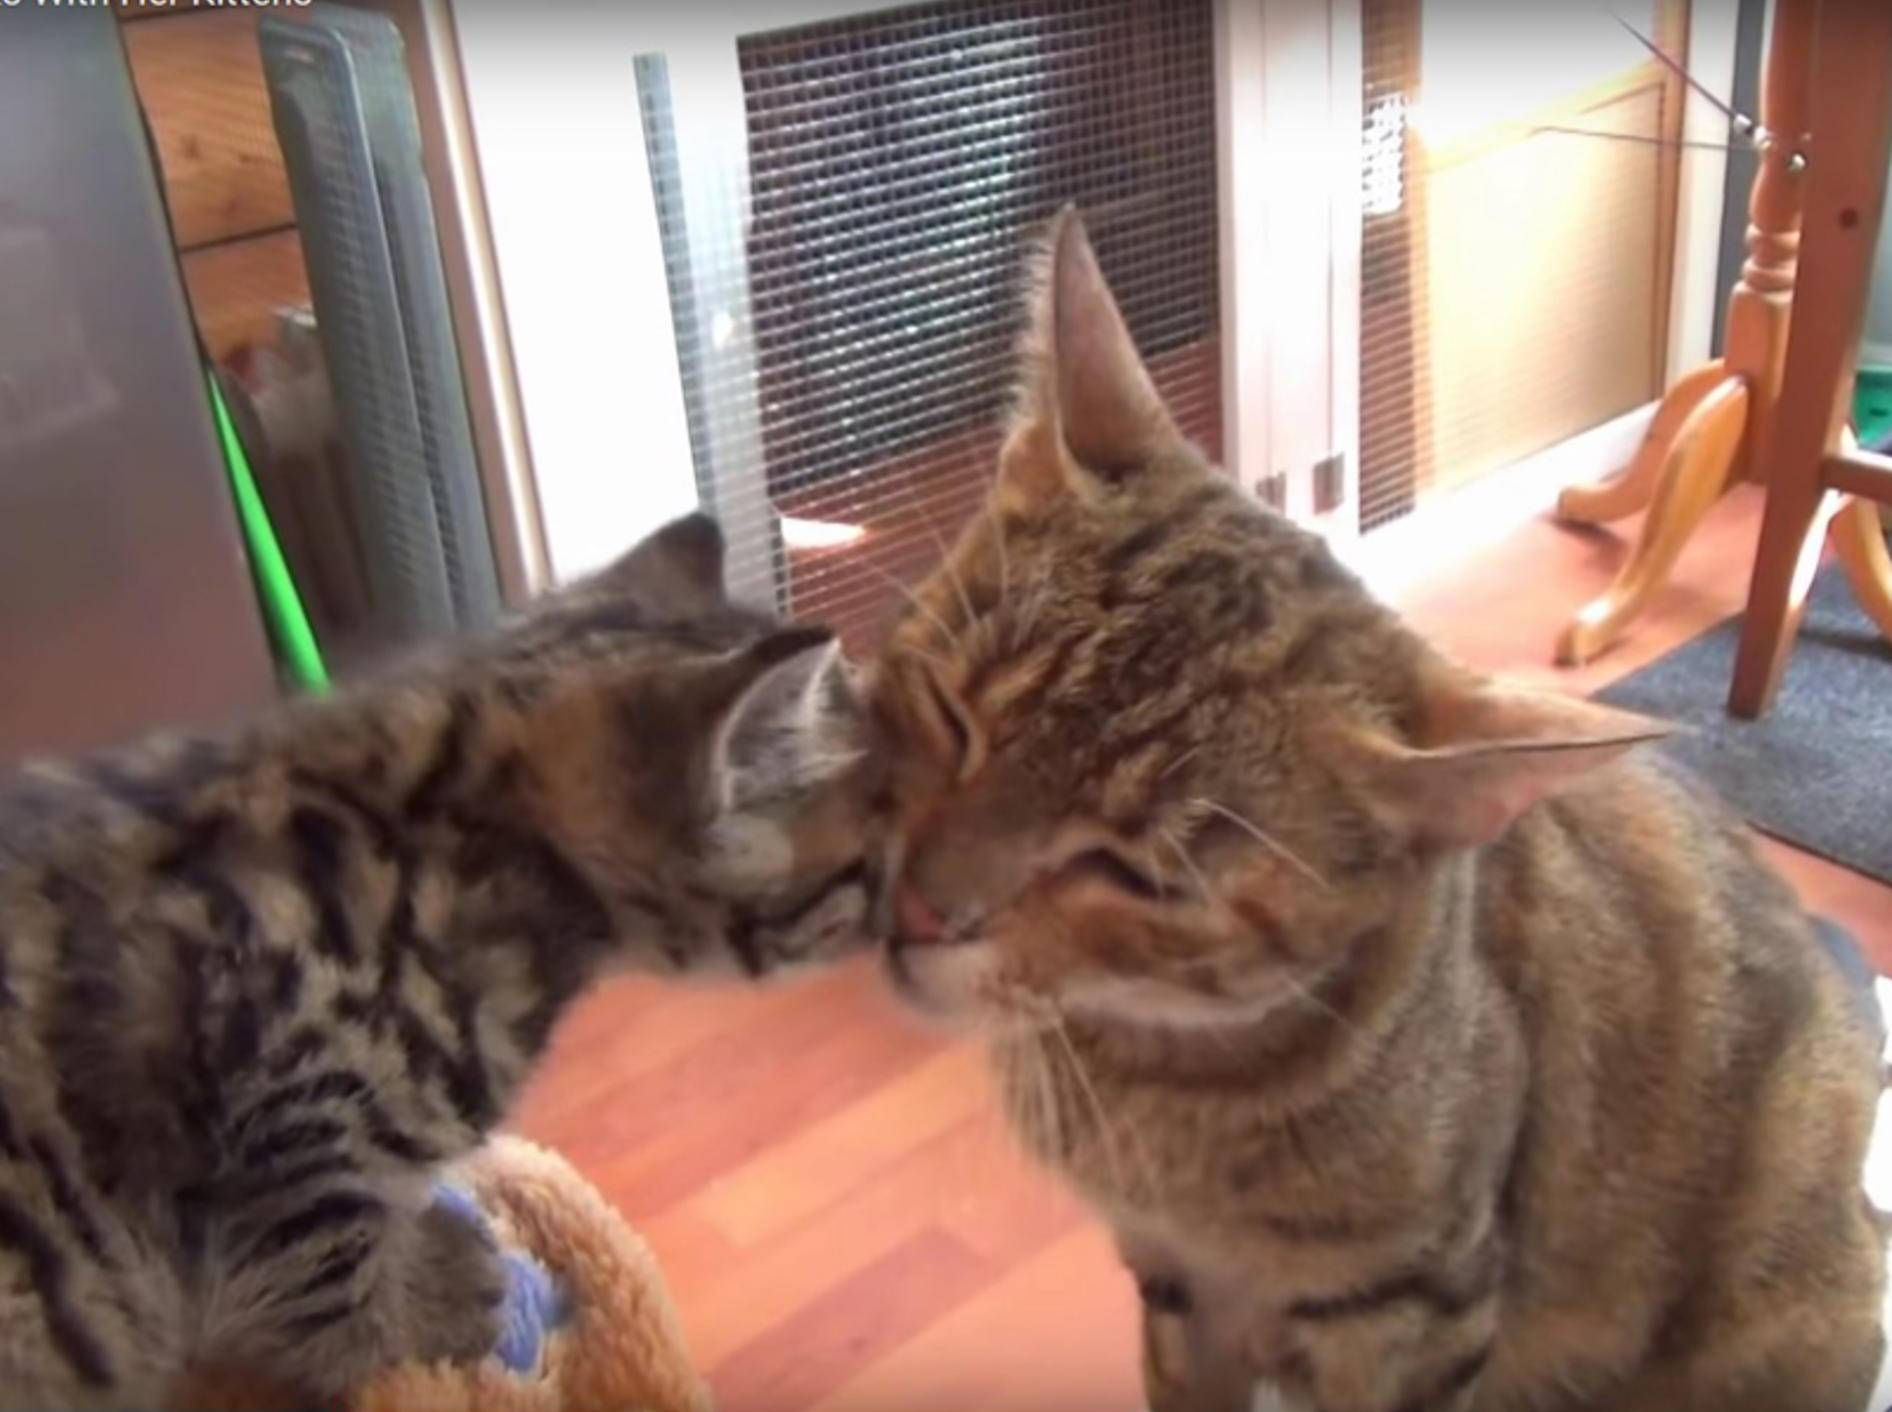 Katzenmama Hildy beim Plausch mit ihren Babys – YouTube / The Kits Cats